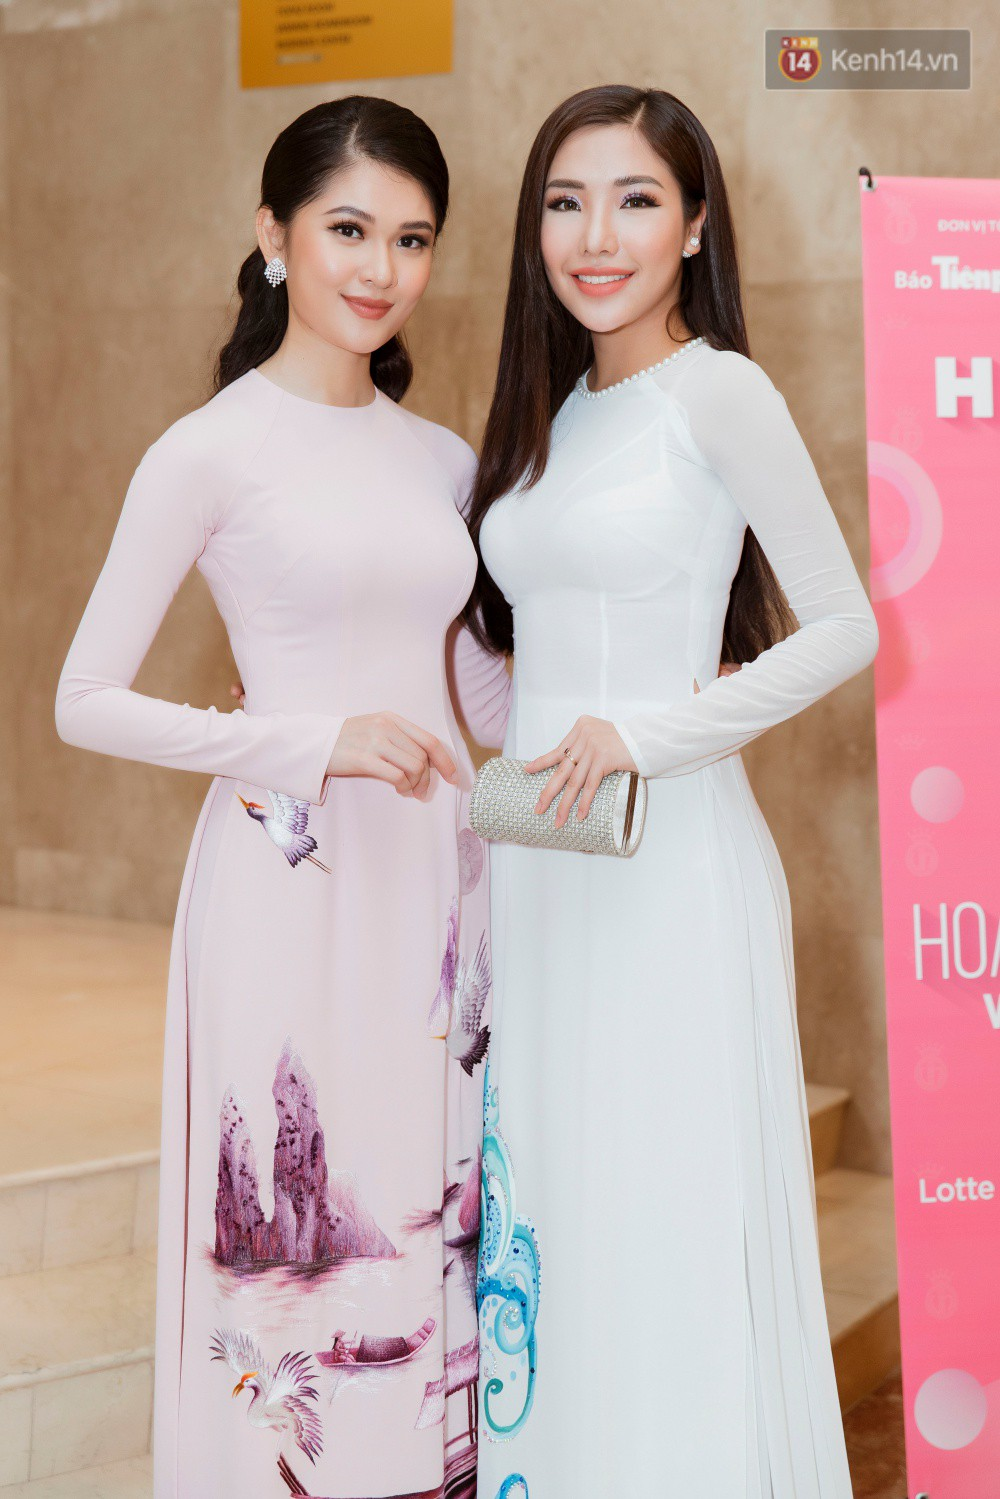 Khoảnh khắc hiếm hoi: 6 Hoa hậu, Á hậu hai mùa Hoa hậu liên tiếp diện áo dài đọ sắc - Ảnh 7.